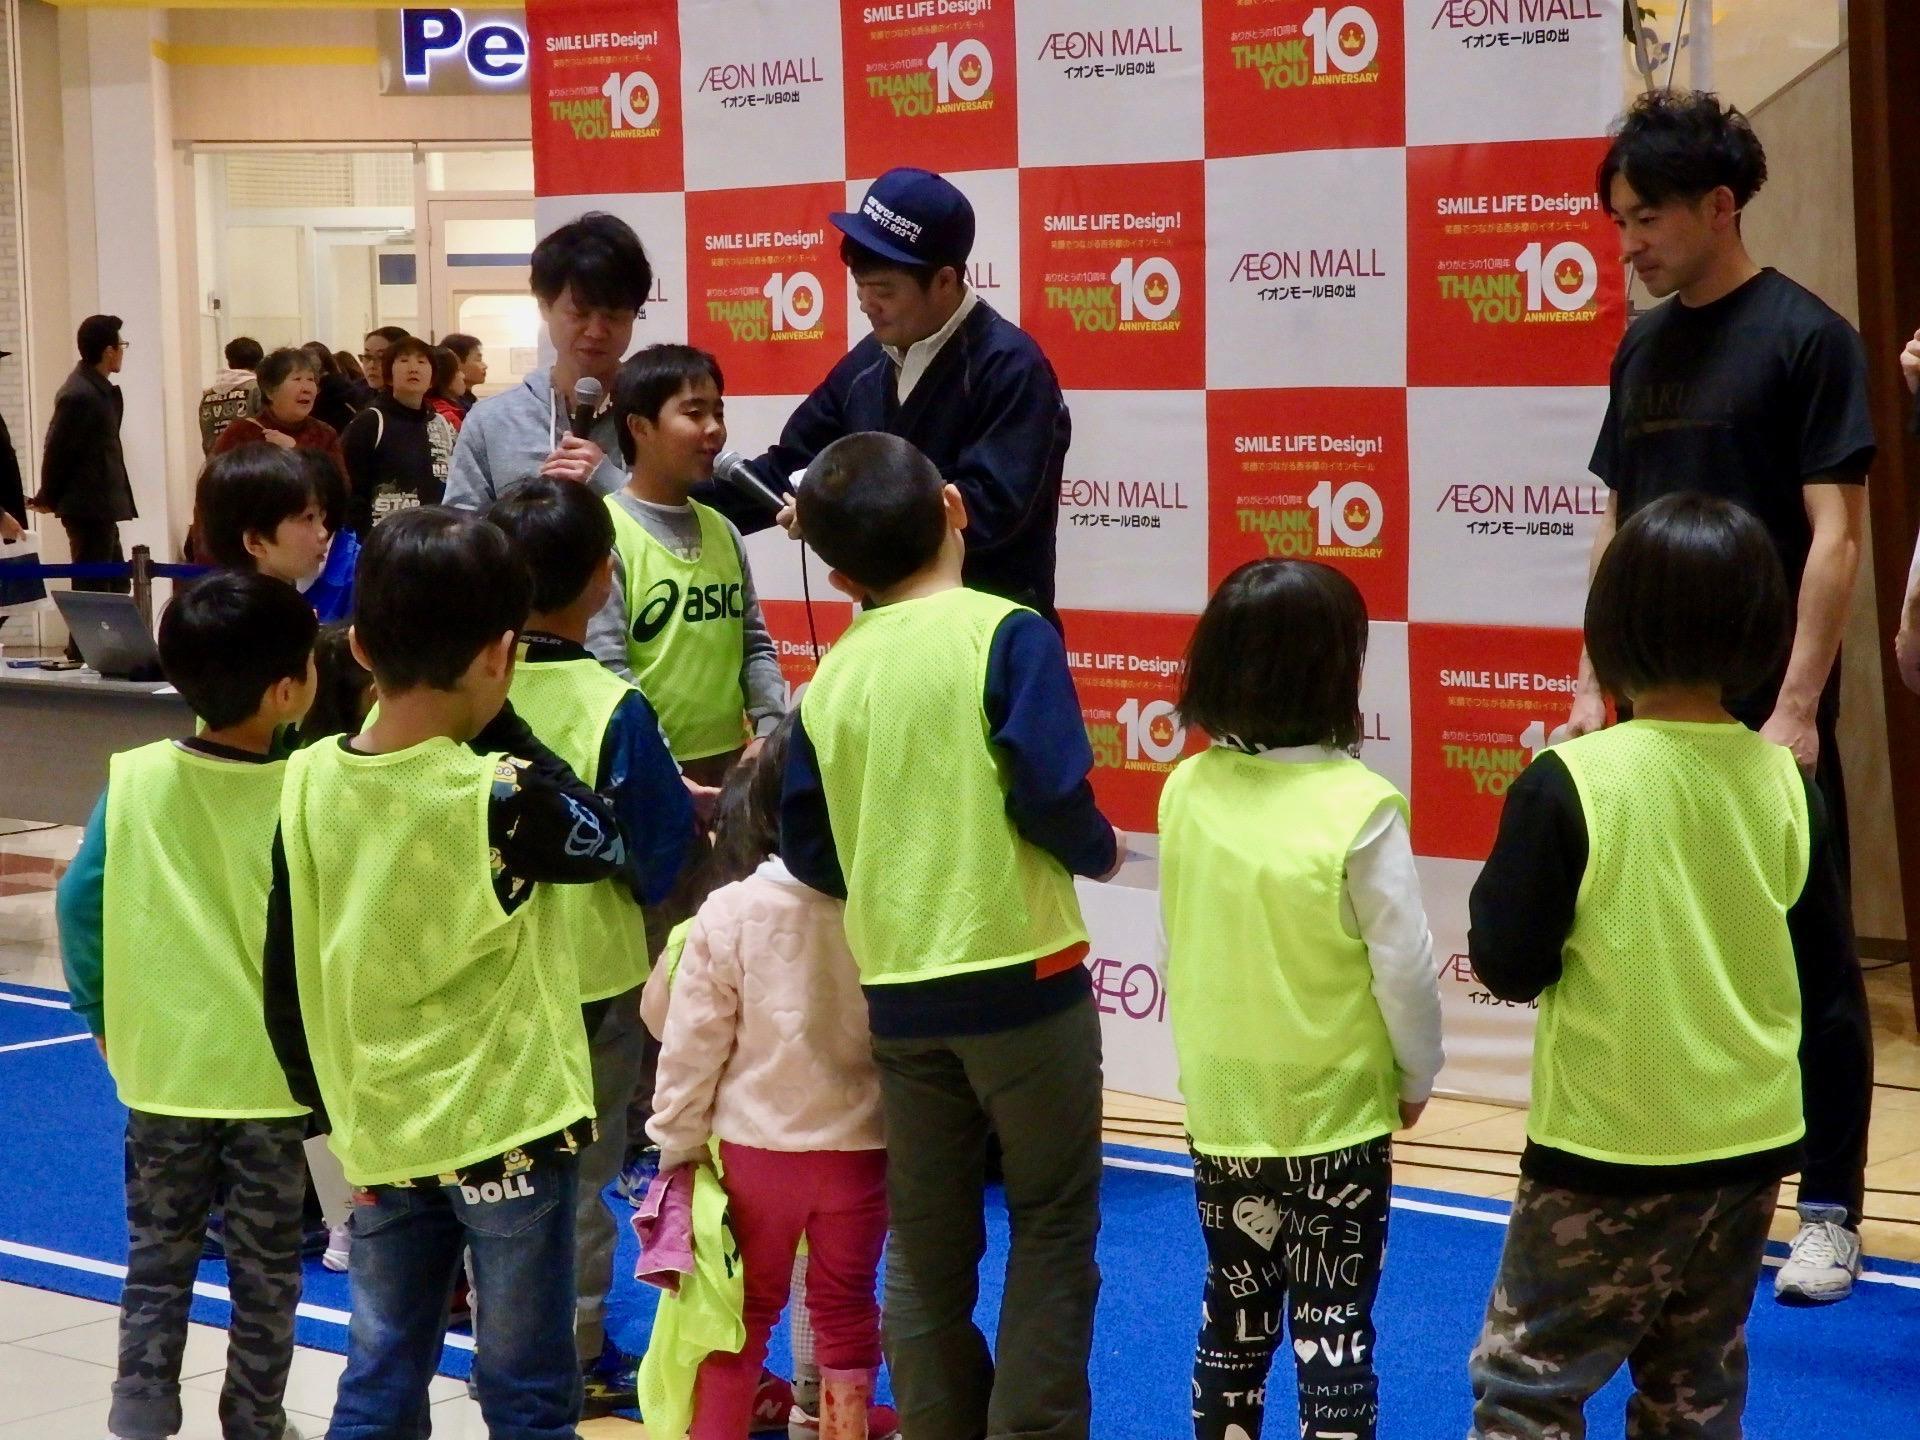 http://news.yoshimoto.co.jp/20180211195437-2254a10499311f77b255f84f917d0f79afda00bf.jpg